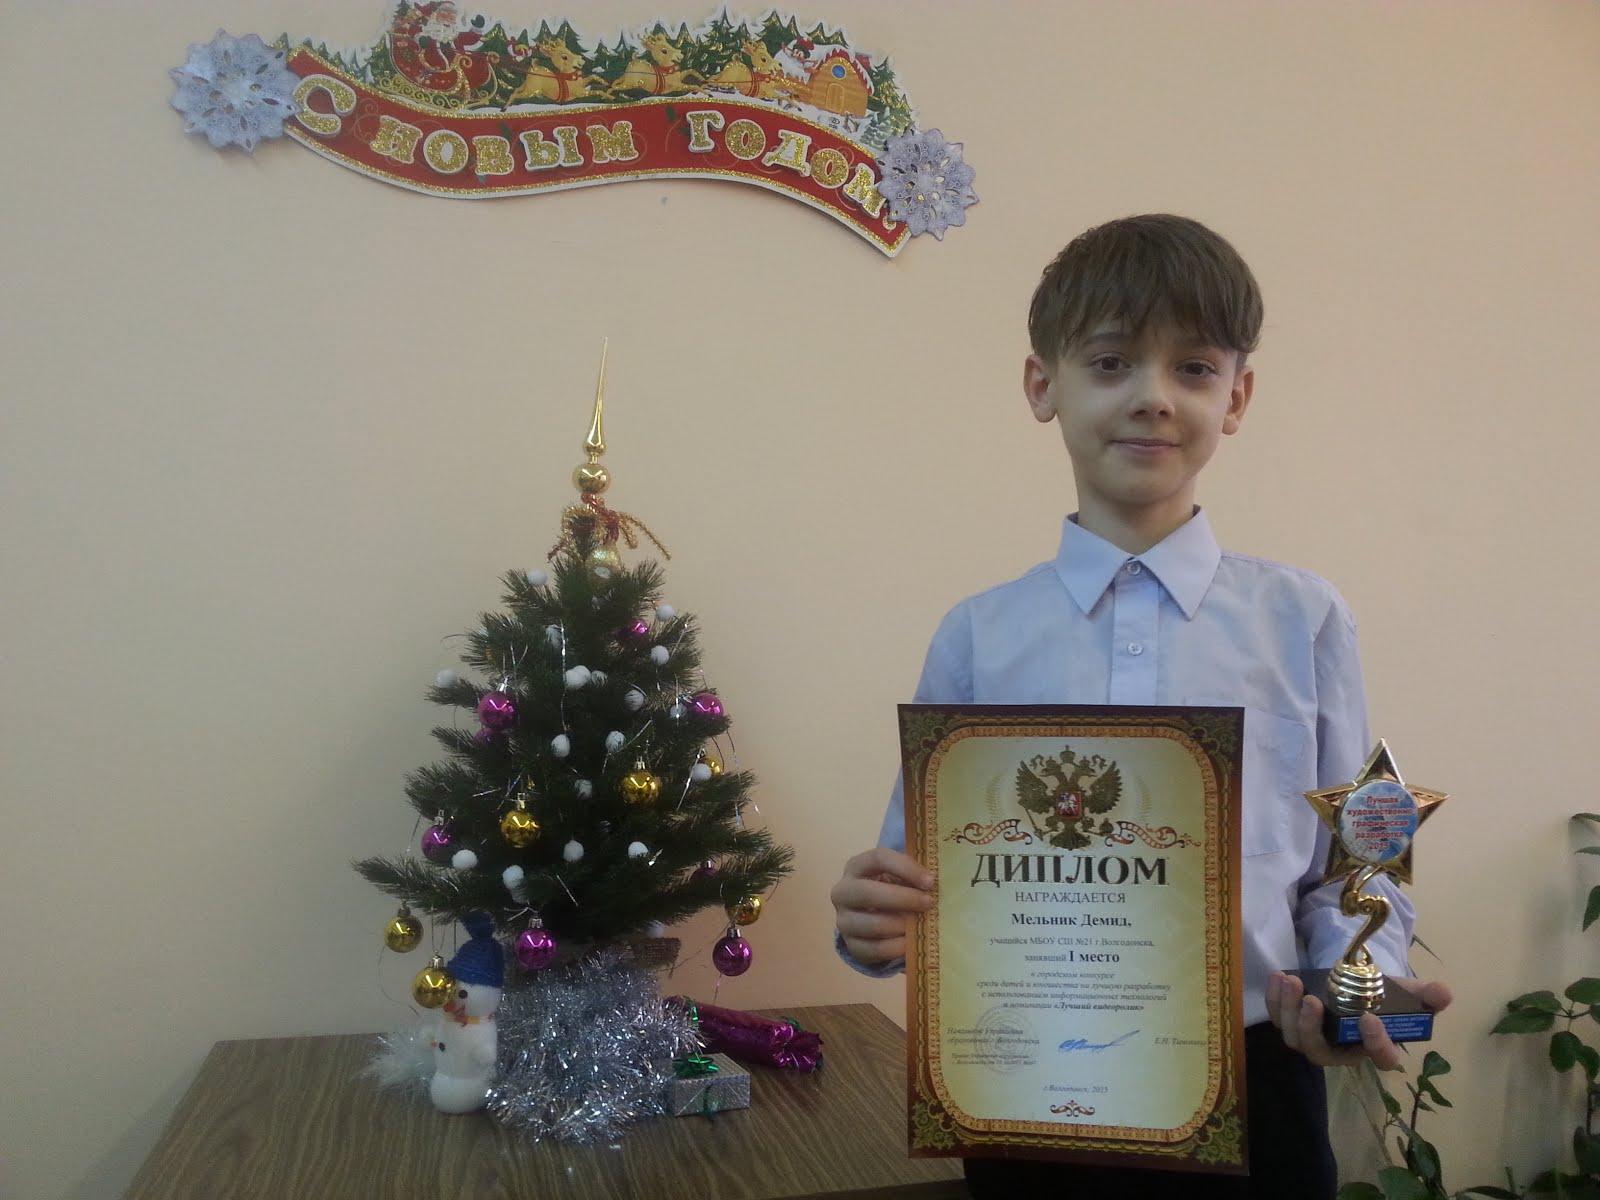 Наши успехи в городских конкурсах: Мельник Демид, диплом I степени